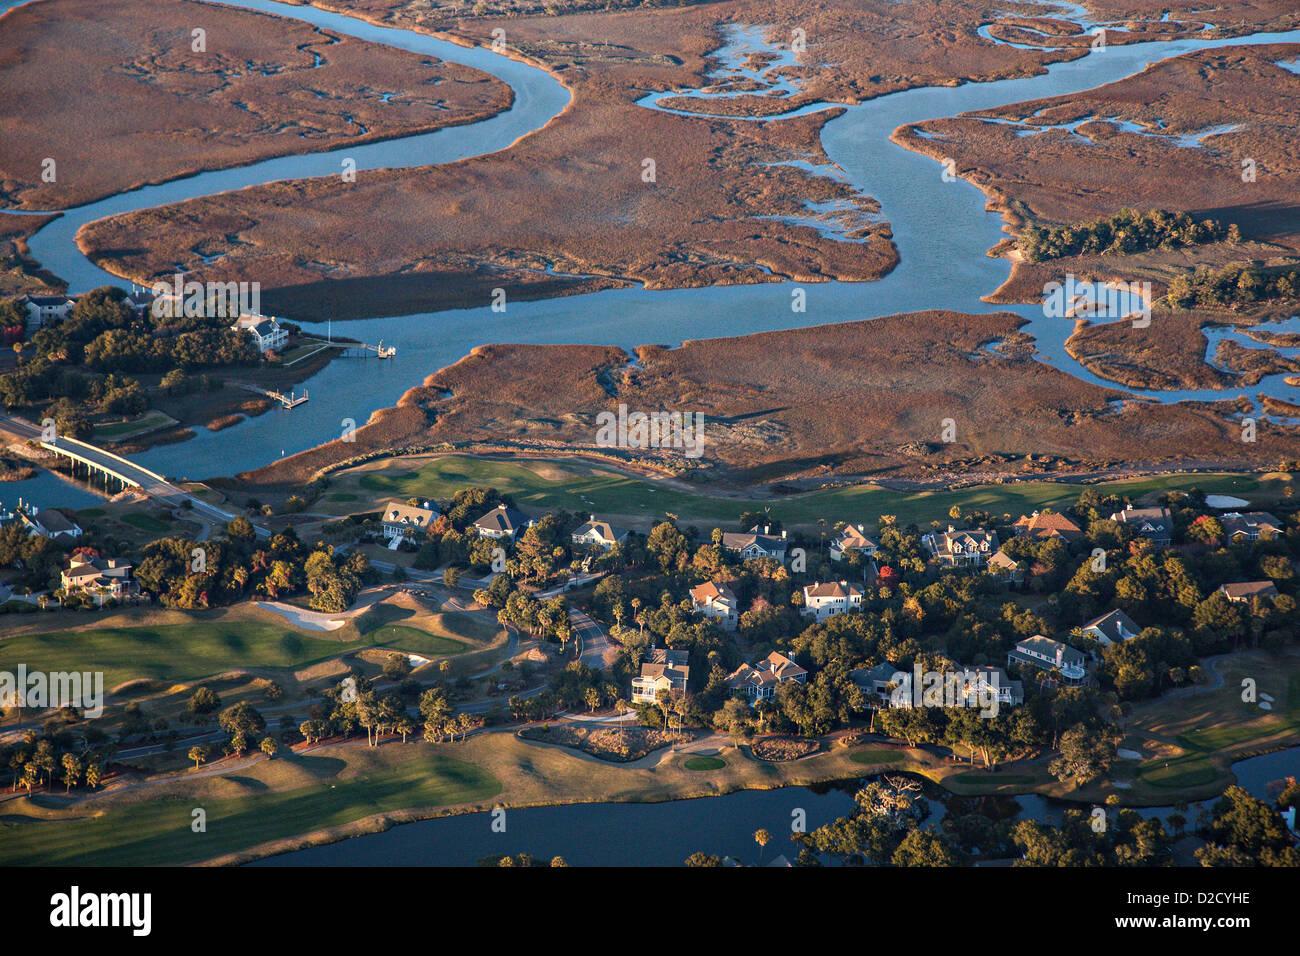 Le cours de la rivière aérienne montrant sur Kiawah Island, Caroline du Sud. Photo Stock